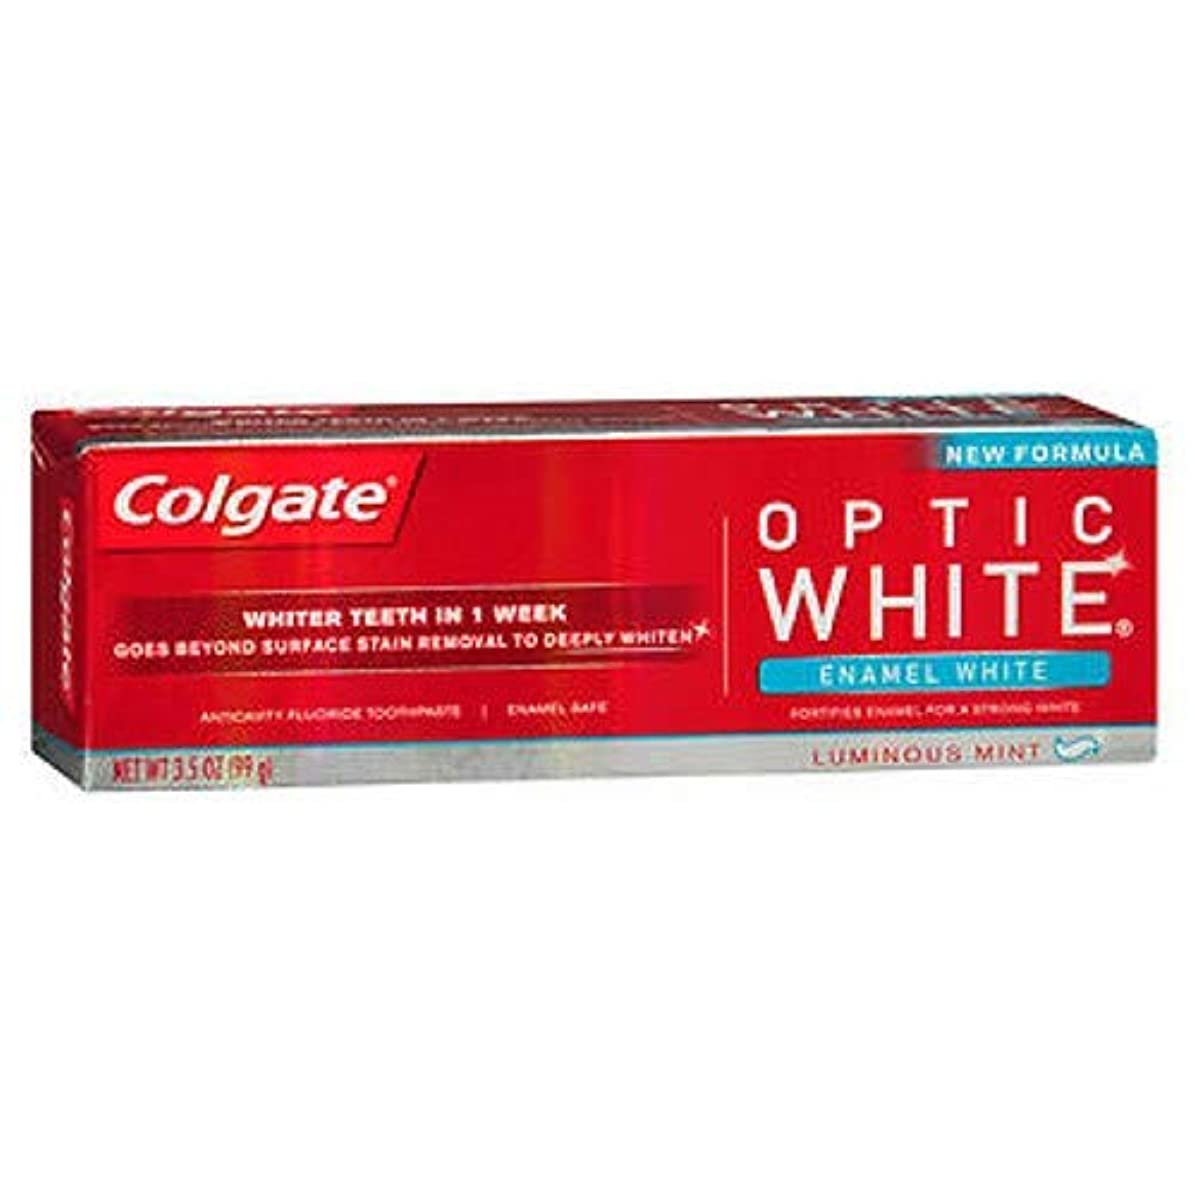 従う入力クルーズColgate オプティックホワイトハミガキ、エナメルホワイト、3.5オンス(6パック)